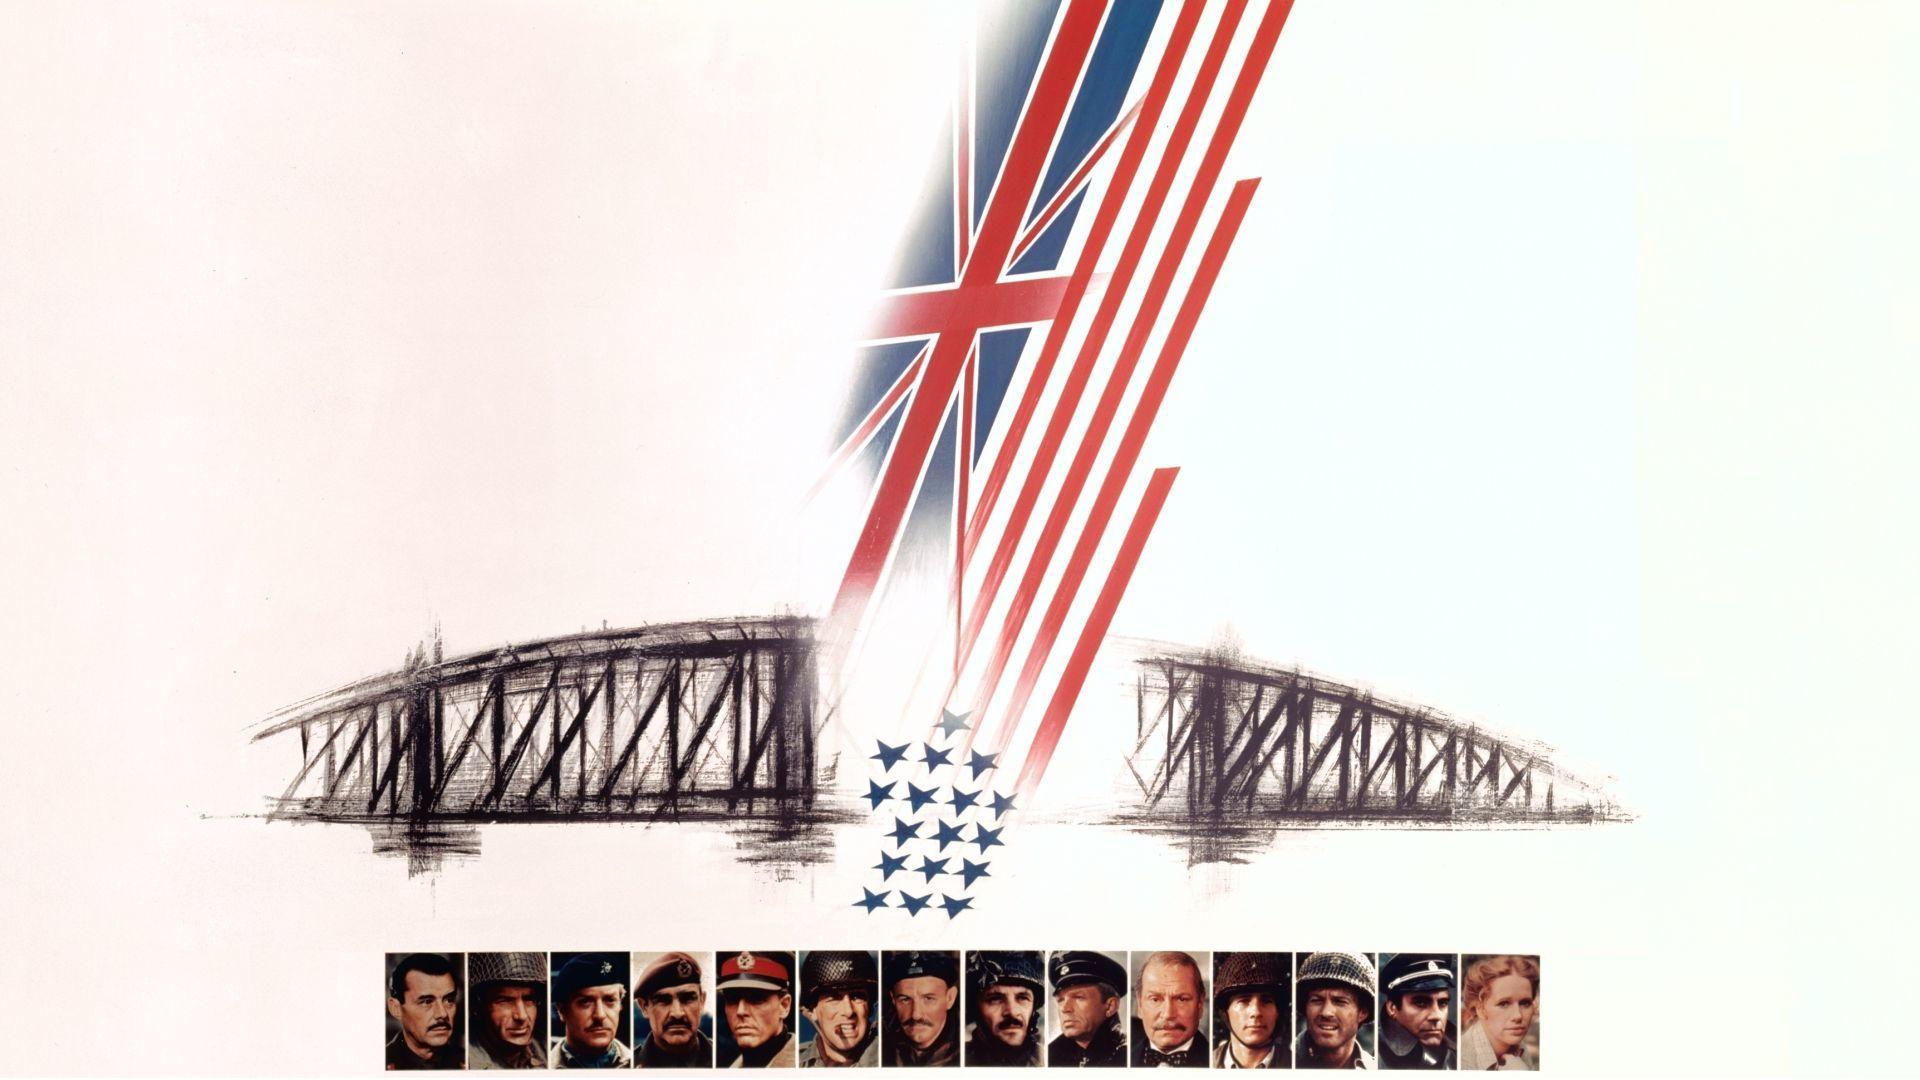 Мост слишком далеко смотреть фото